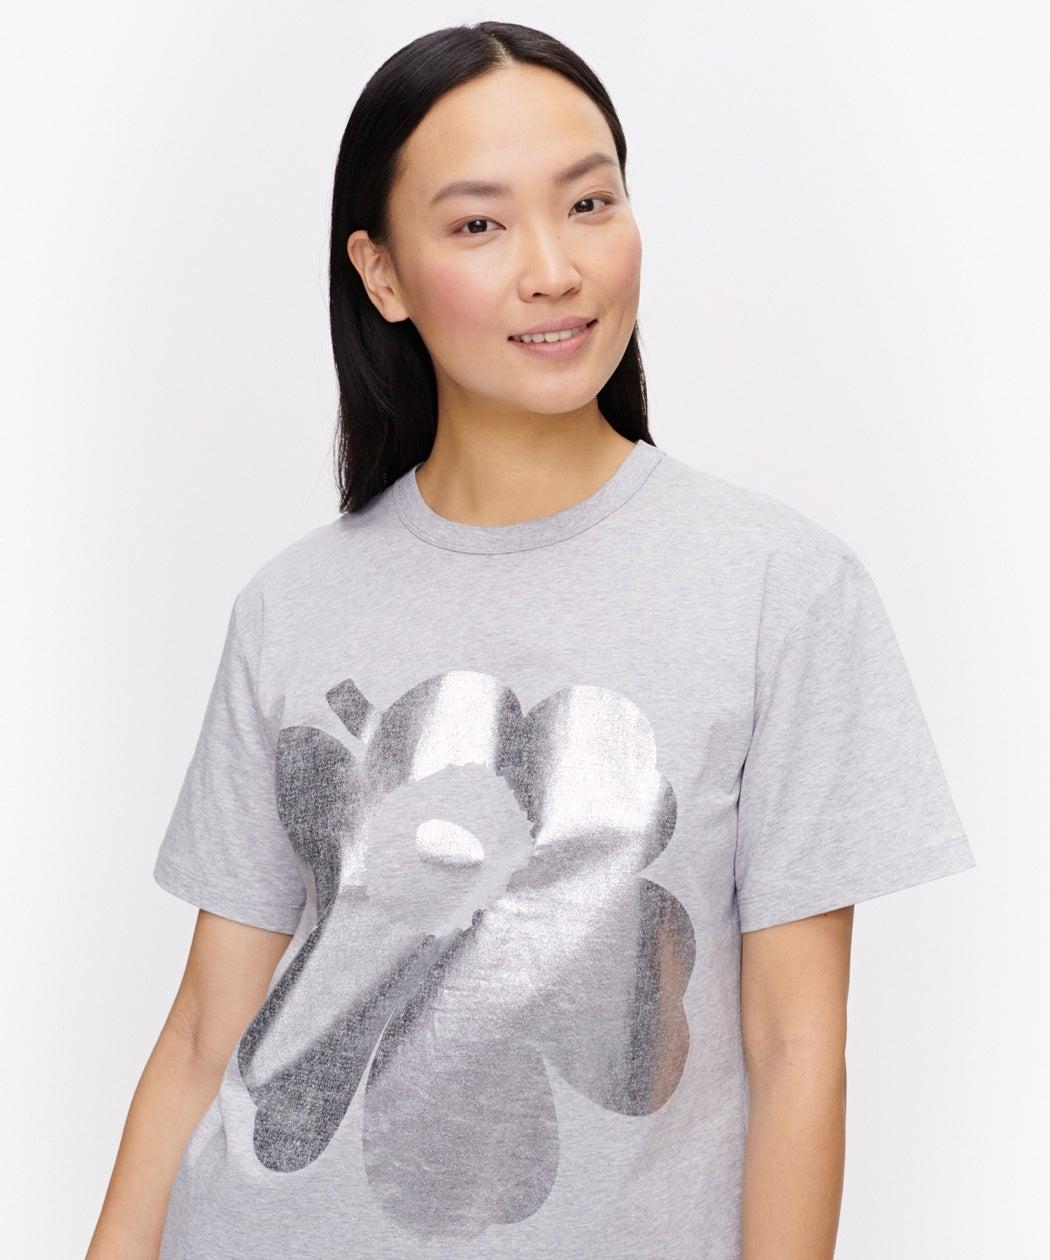 Marimekko Kapina Unikko -shirt